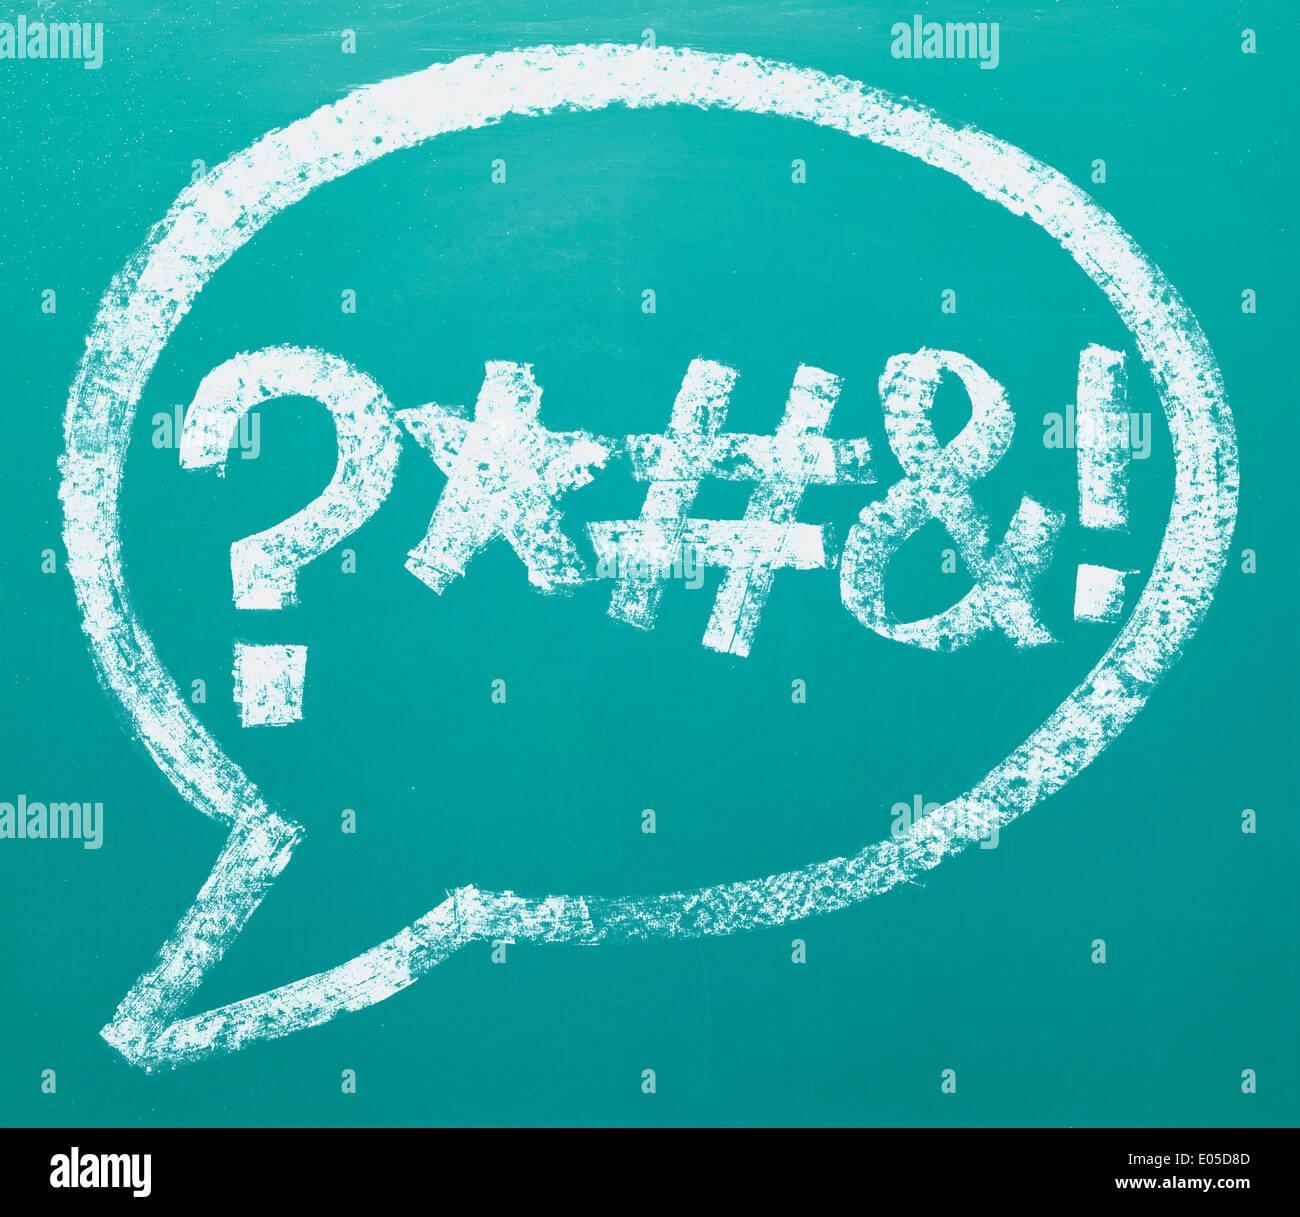 Palabra grosera de la confusión en la nube de palabras o comentario Bubble. Imagen De Stock